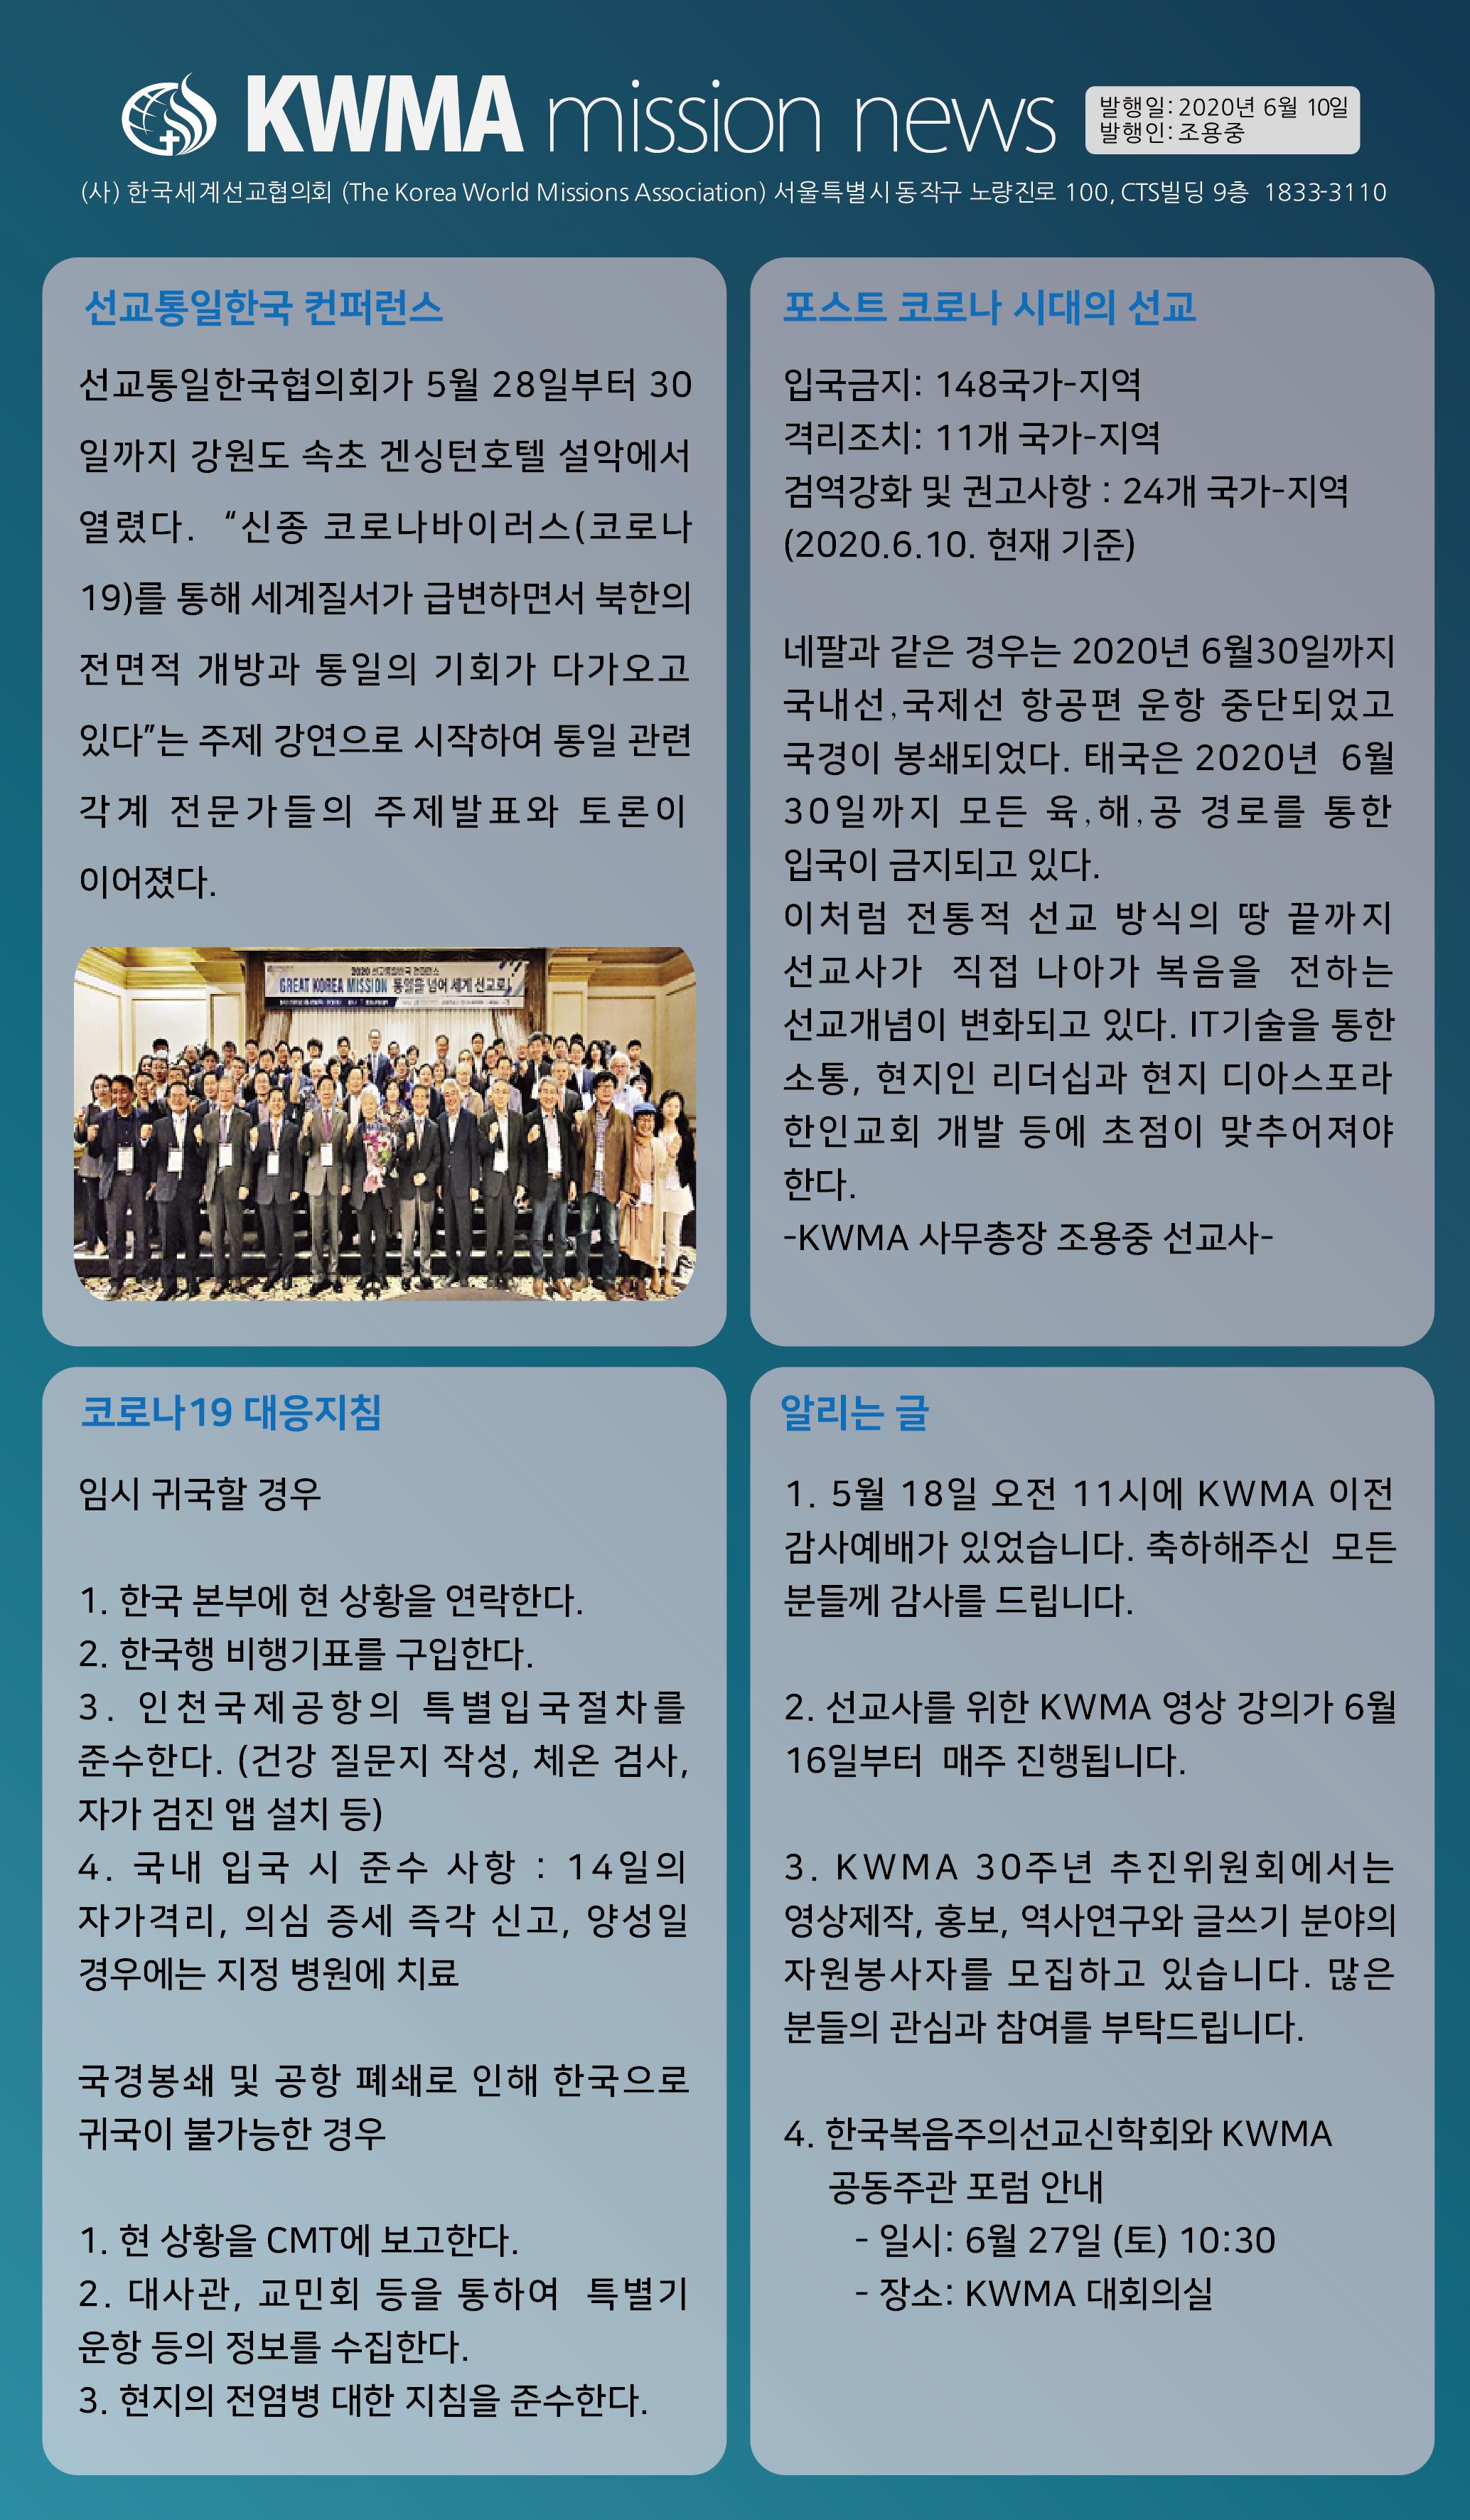 200610_제20-3호_KWMA 뉴스레터_2.jpg